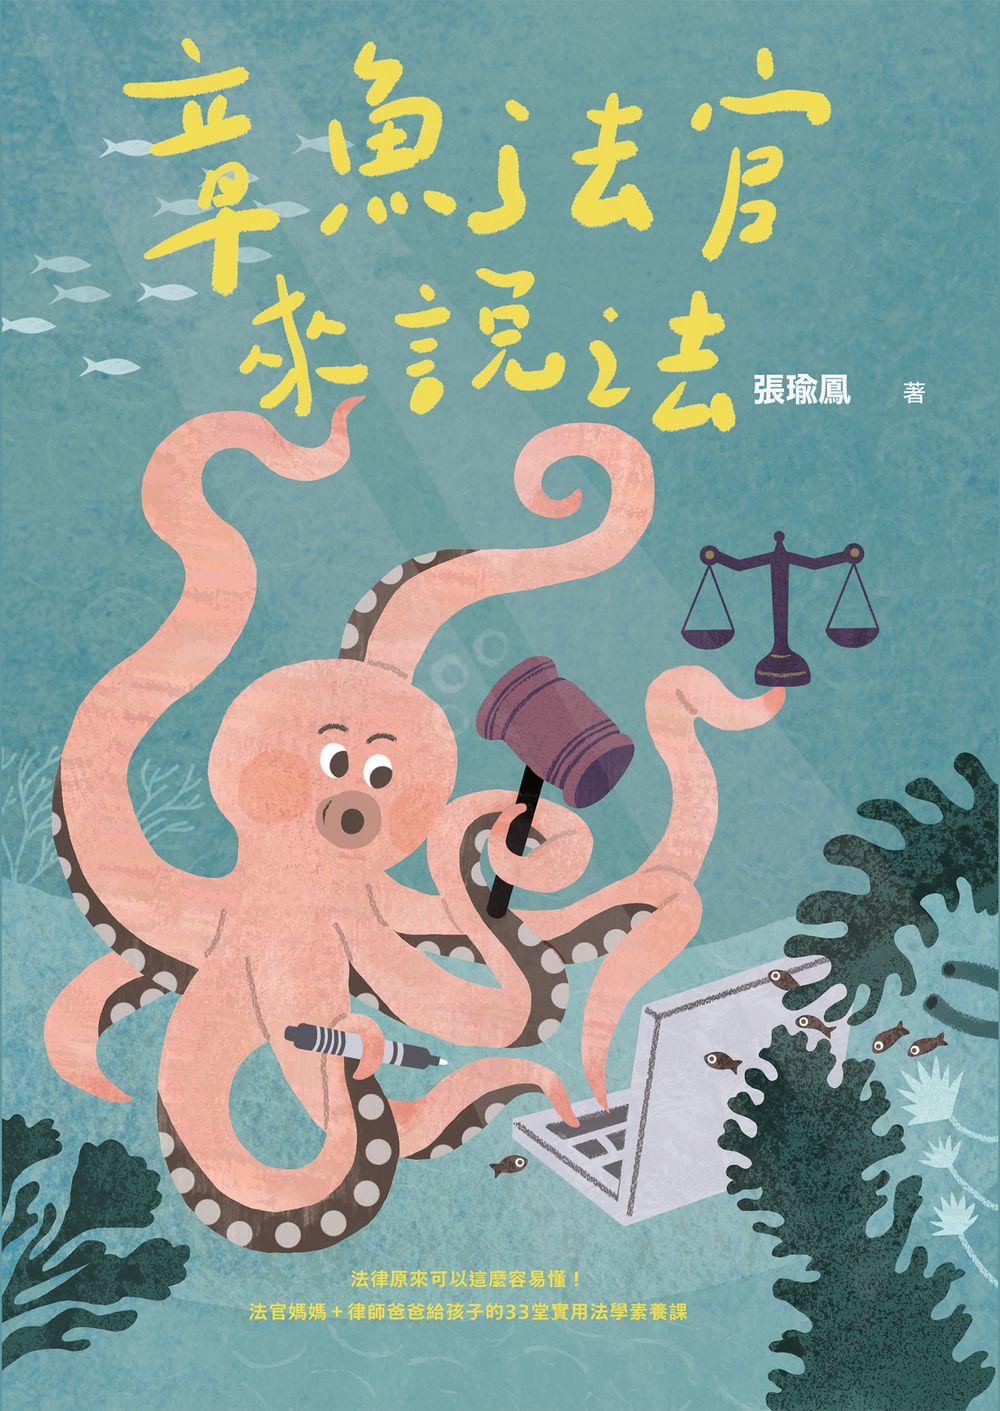 章魚法官來說法:法律原來可以這麼容易懂!法官媽媽+律師爸爸給孩子的33堂實用法學素養課 (電子書)